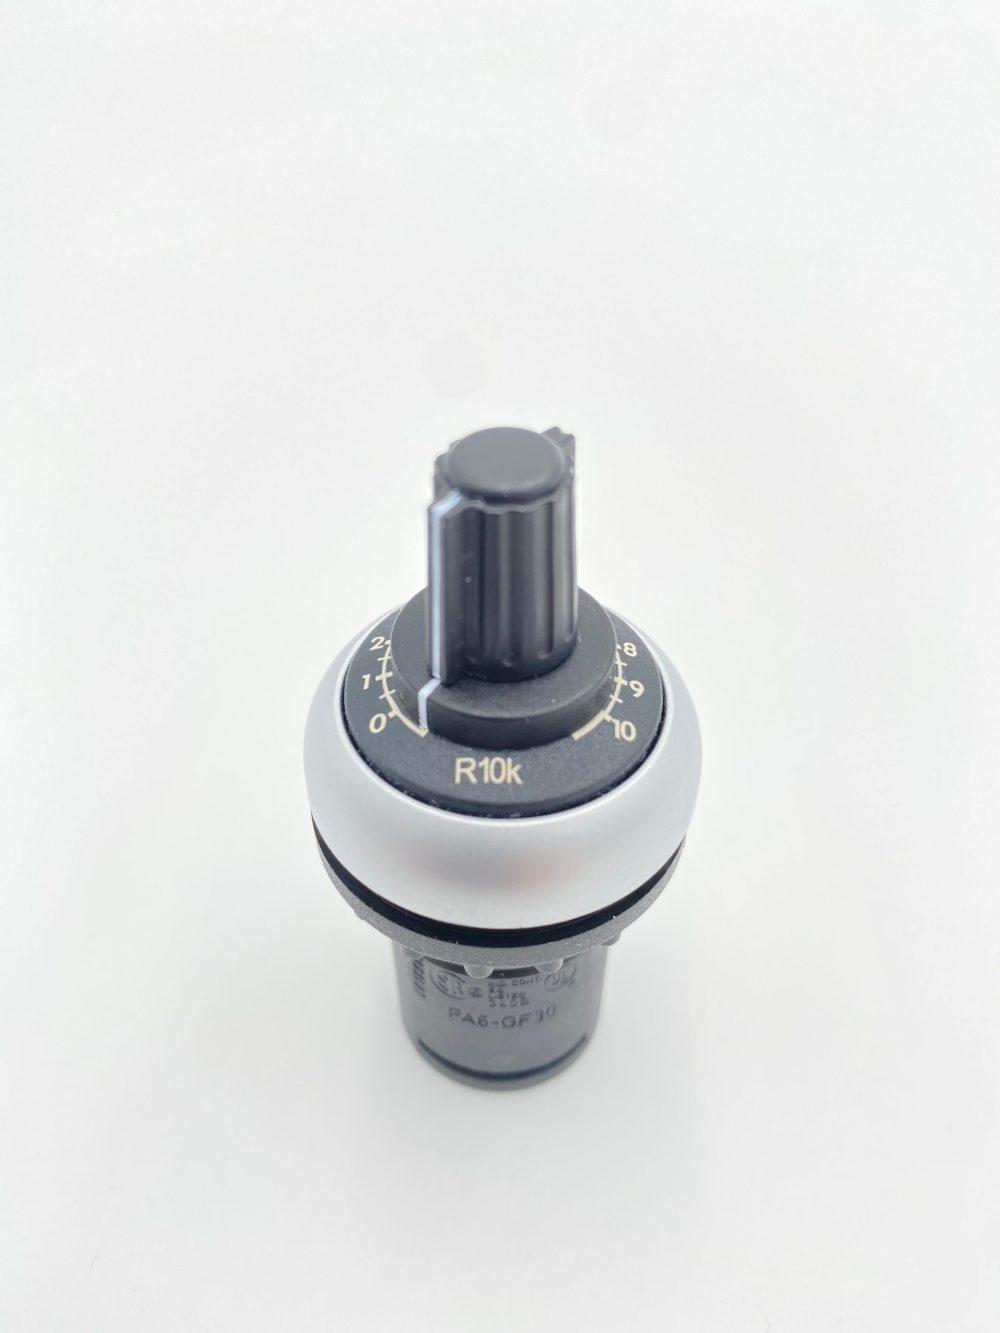 Eaton - Moeller M22-R10K 10K Potentiometer for RMT Bandsaws - RMTPE0131